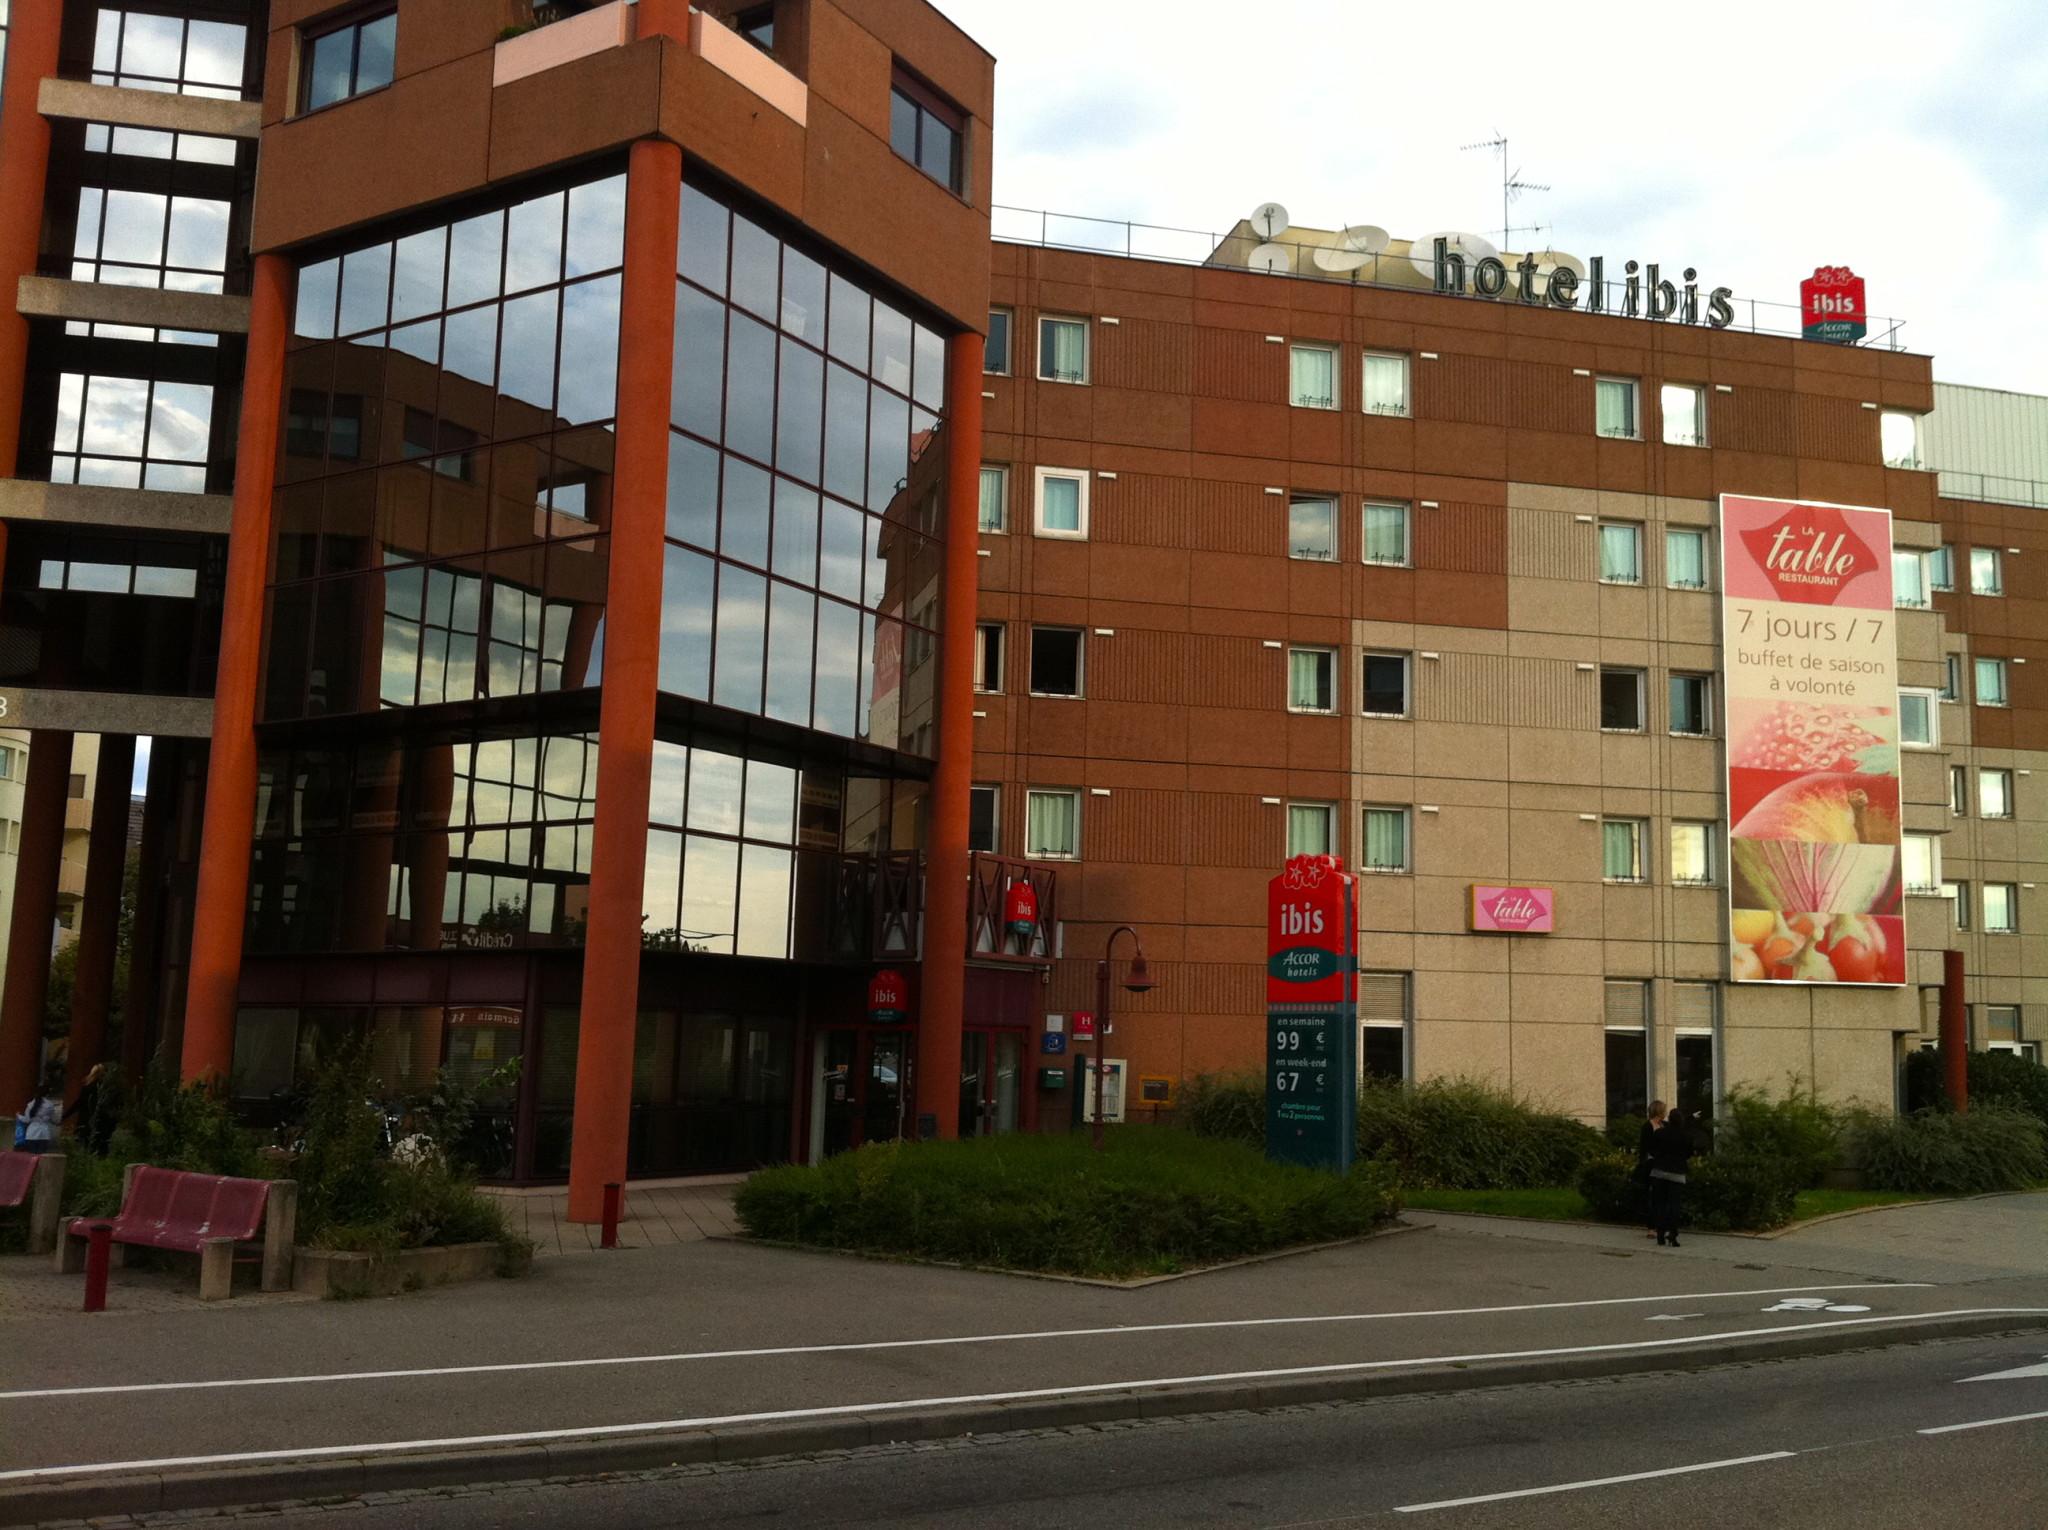 Coulisses du casting les 12 coups de midi strasbourg - Forum les douze coups de midi ...